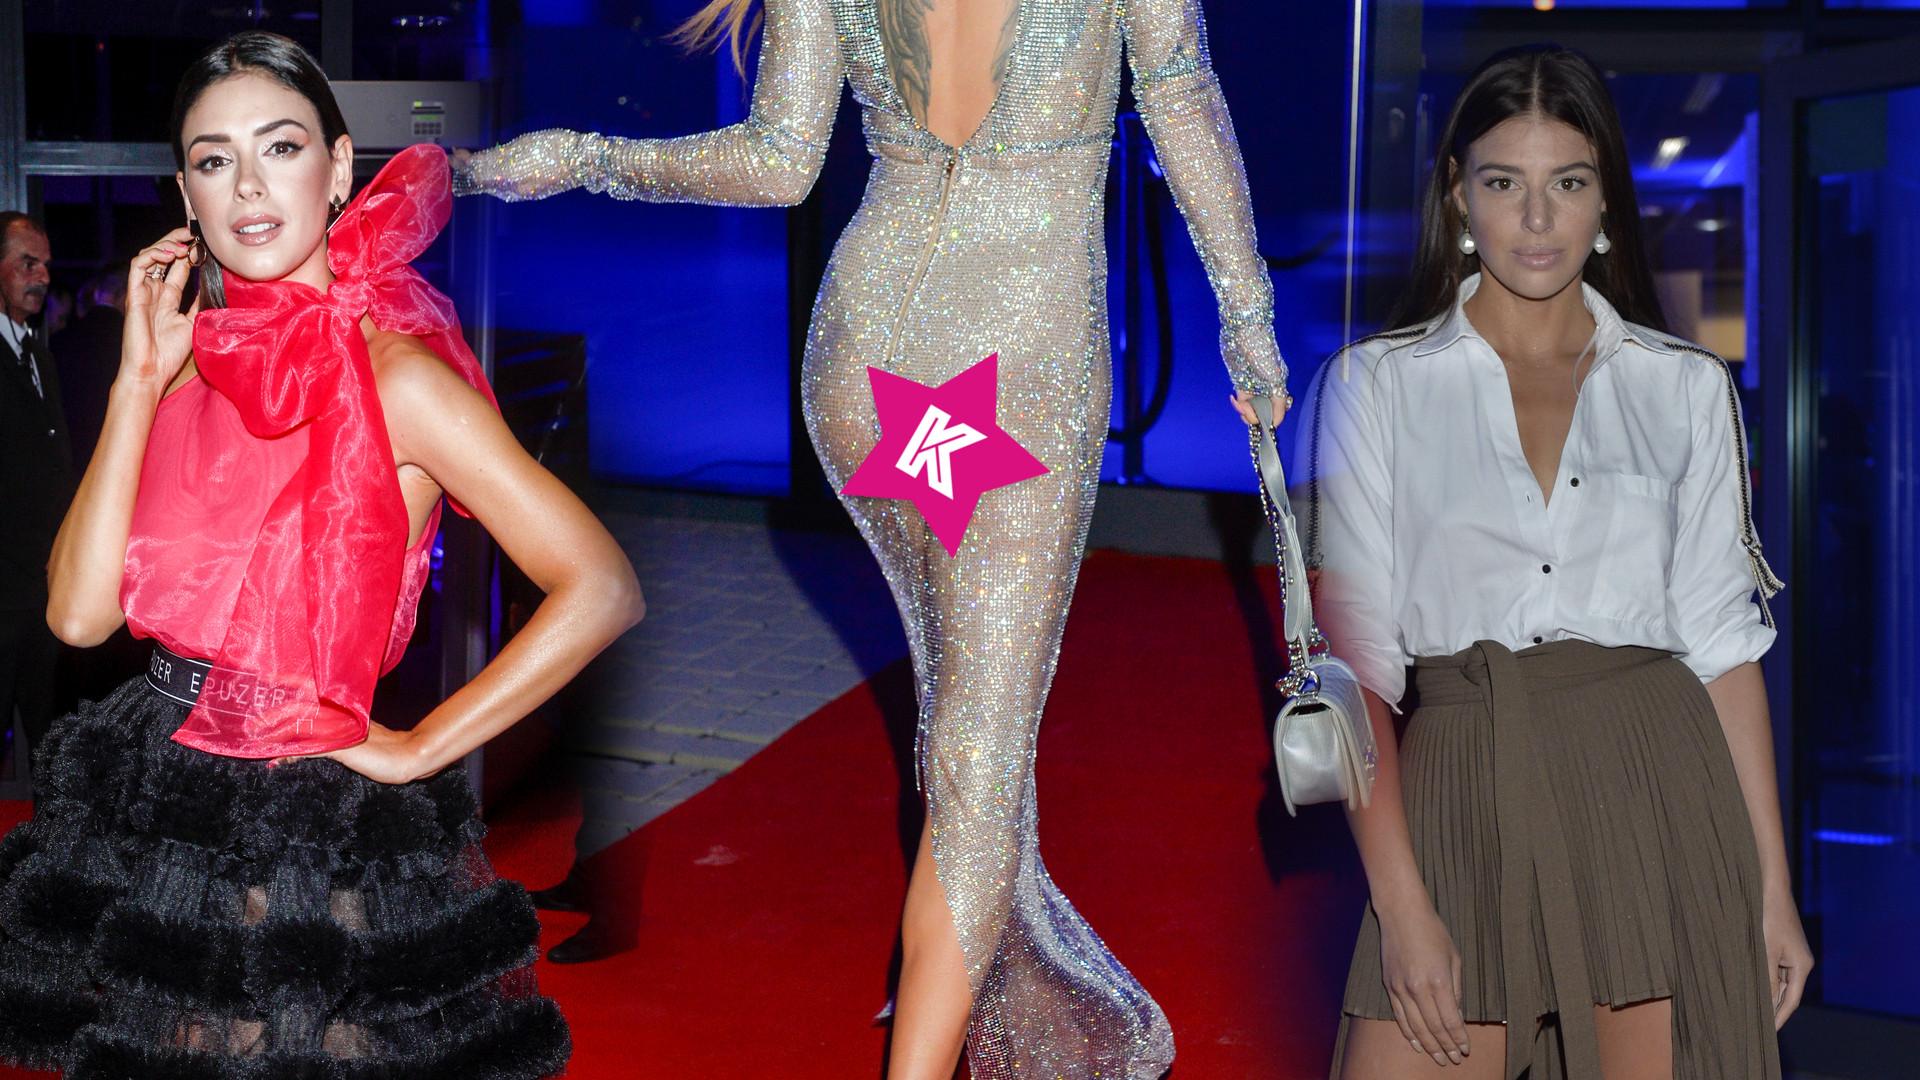 WOW! Wielki POWRÓT Dody w dawnym stylu na gali Flesz Fashion Night – schudła? (ZDJĘCIA)